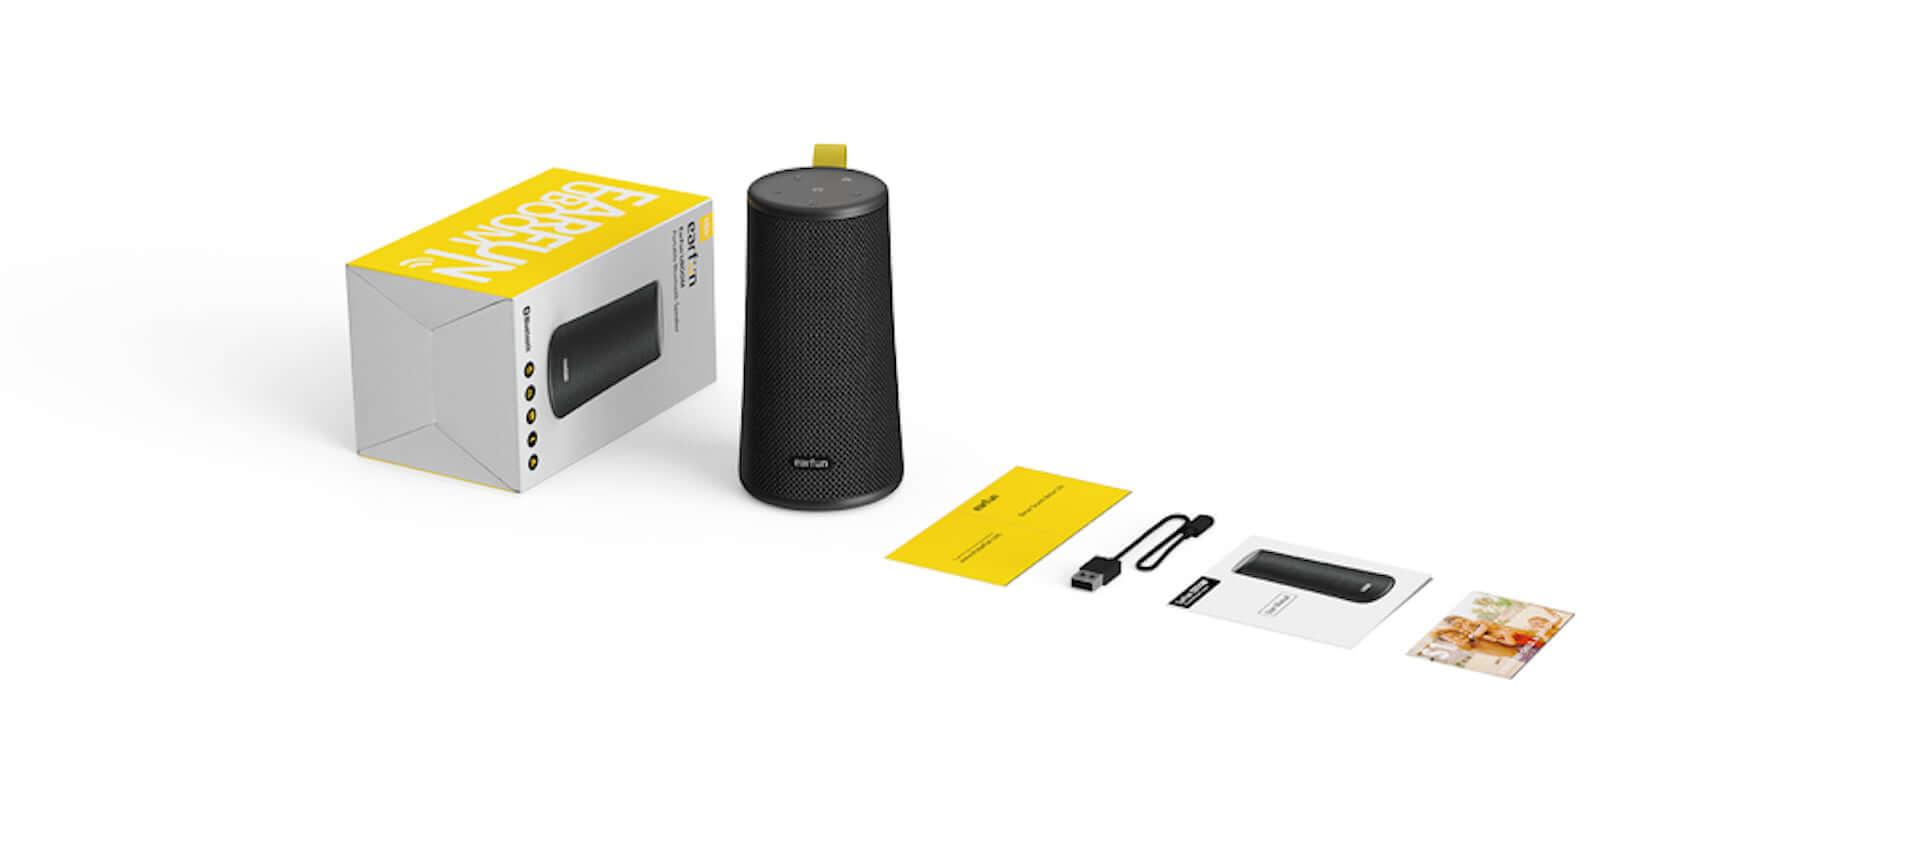 どんな水でも大丈夫、360°方向に迫力ある低音を!Earfun UBOOM Bluetooth5.0 ワイヤレススピーカーが登場 technology190719eaefun-bluetooth_3-1920x866